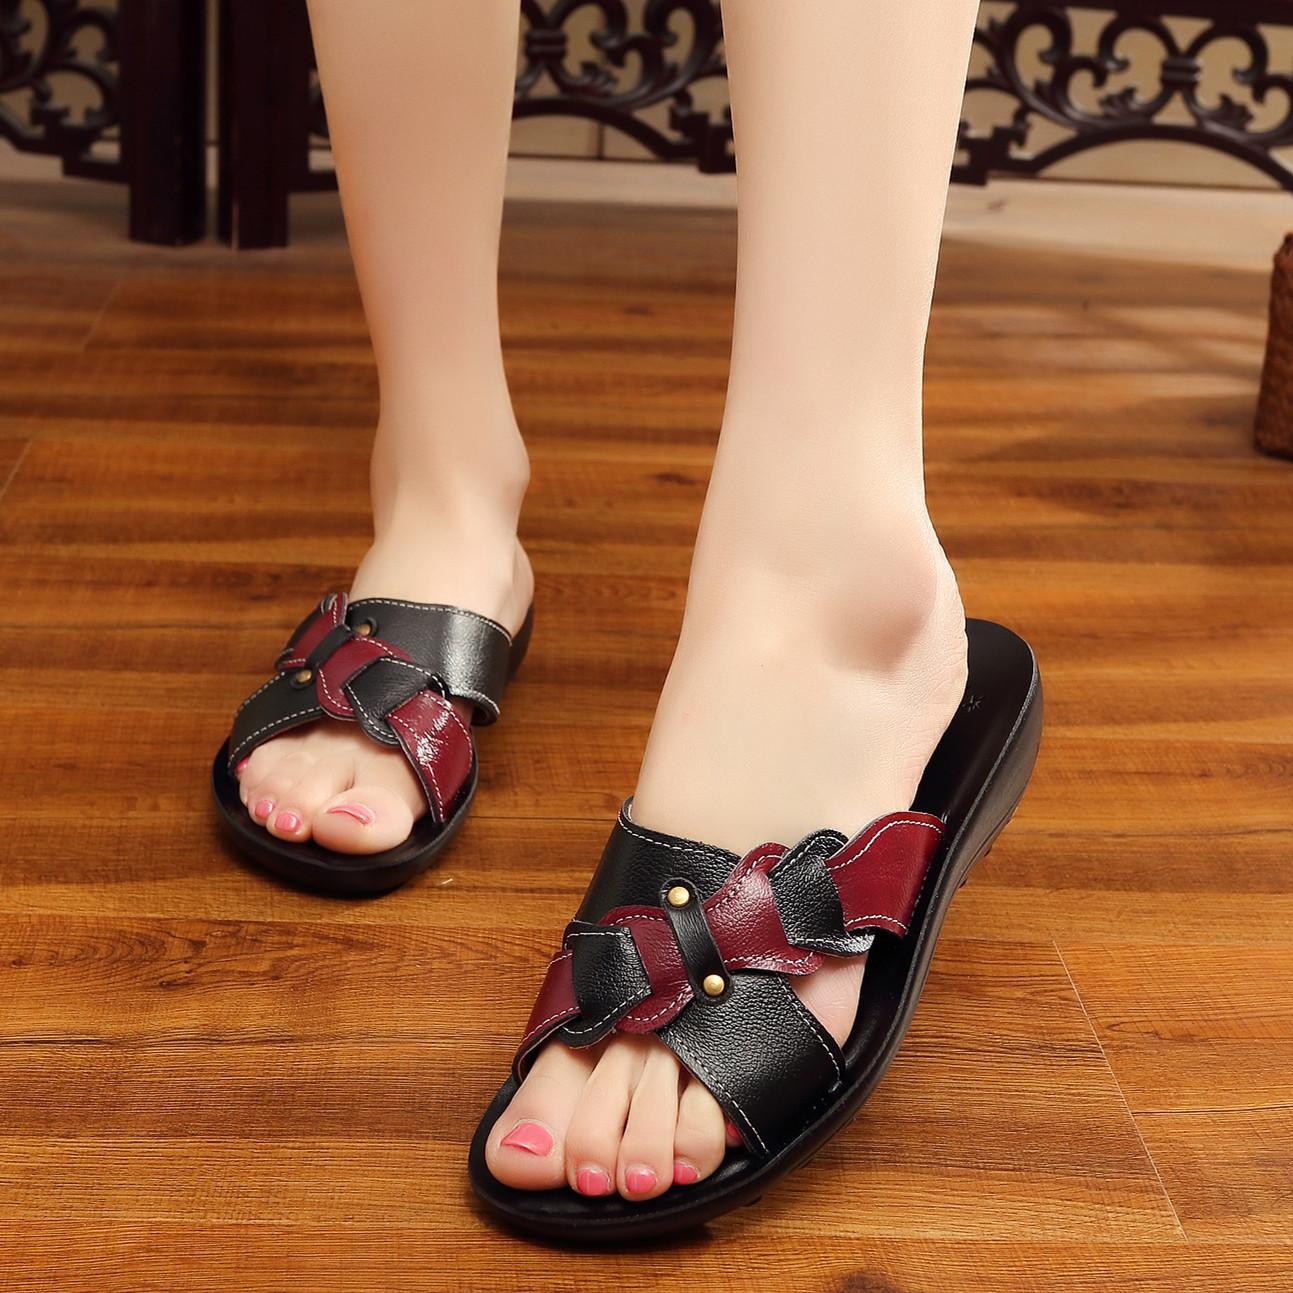 18夏季中年软皮妈妈鞋凉鞋软底中老年平跟大码平底女士防滑凉拖鞋